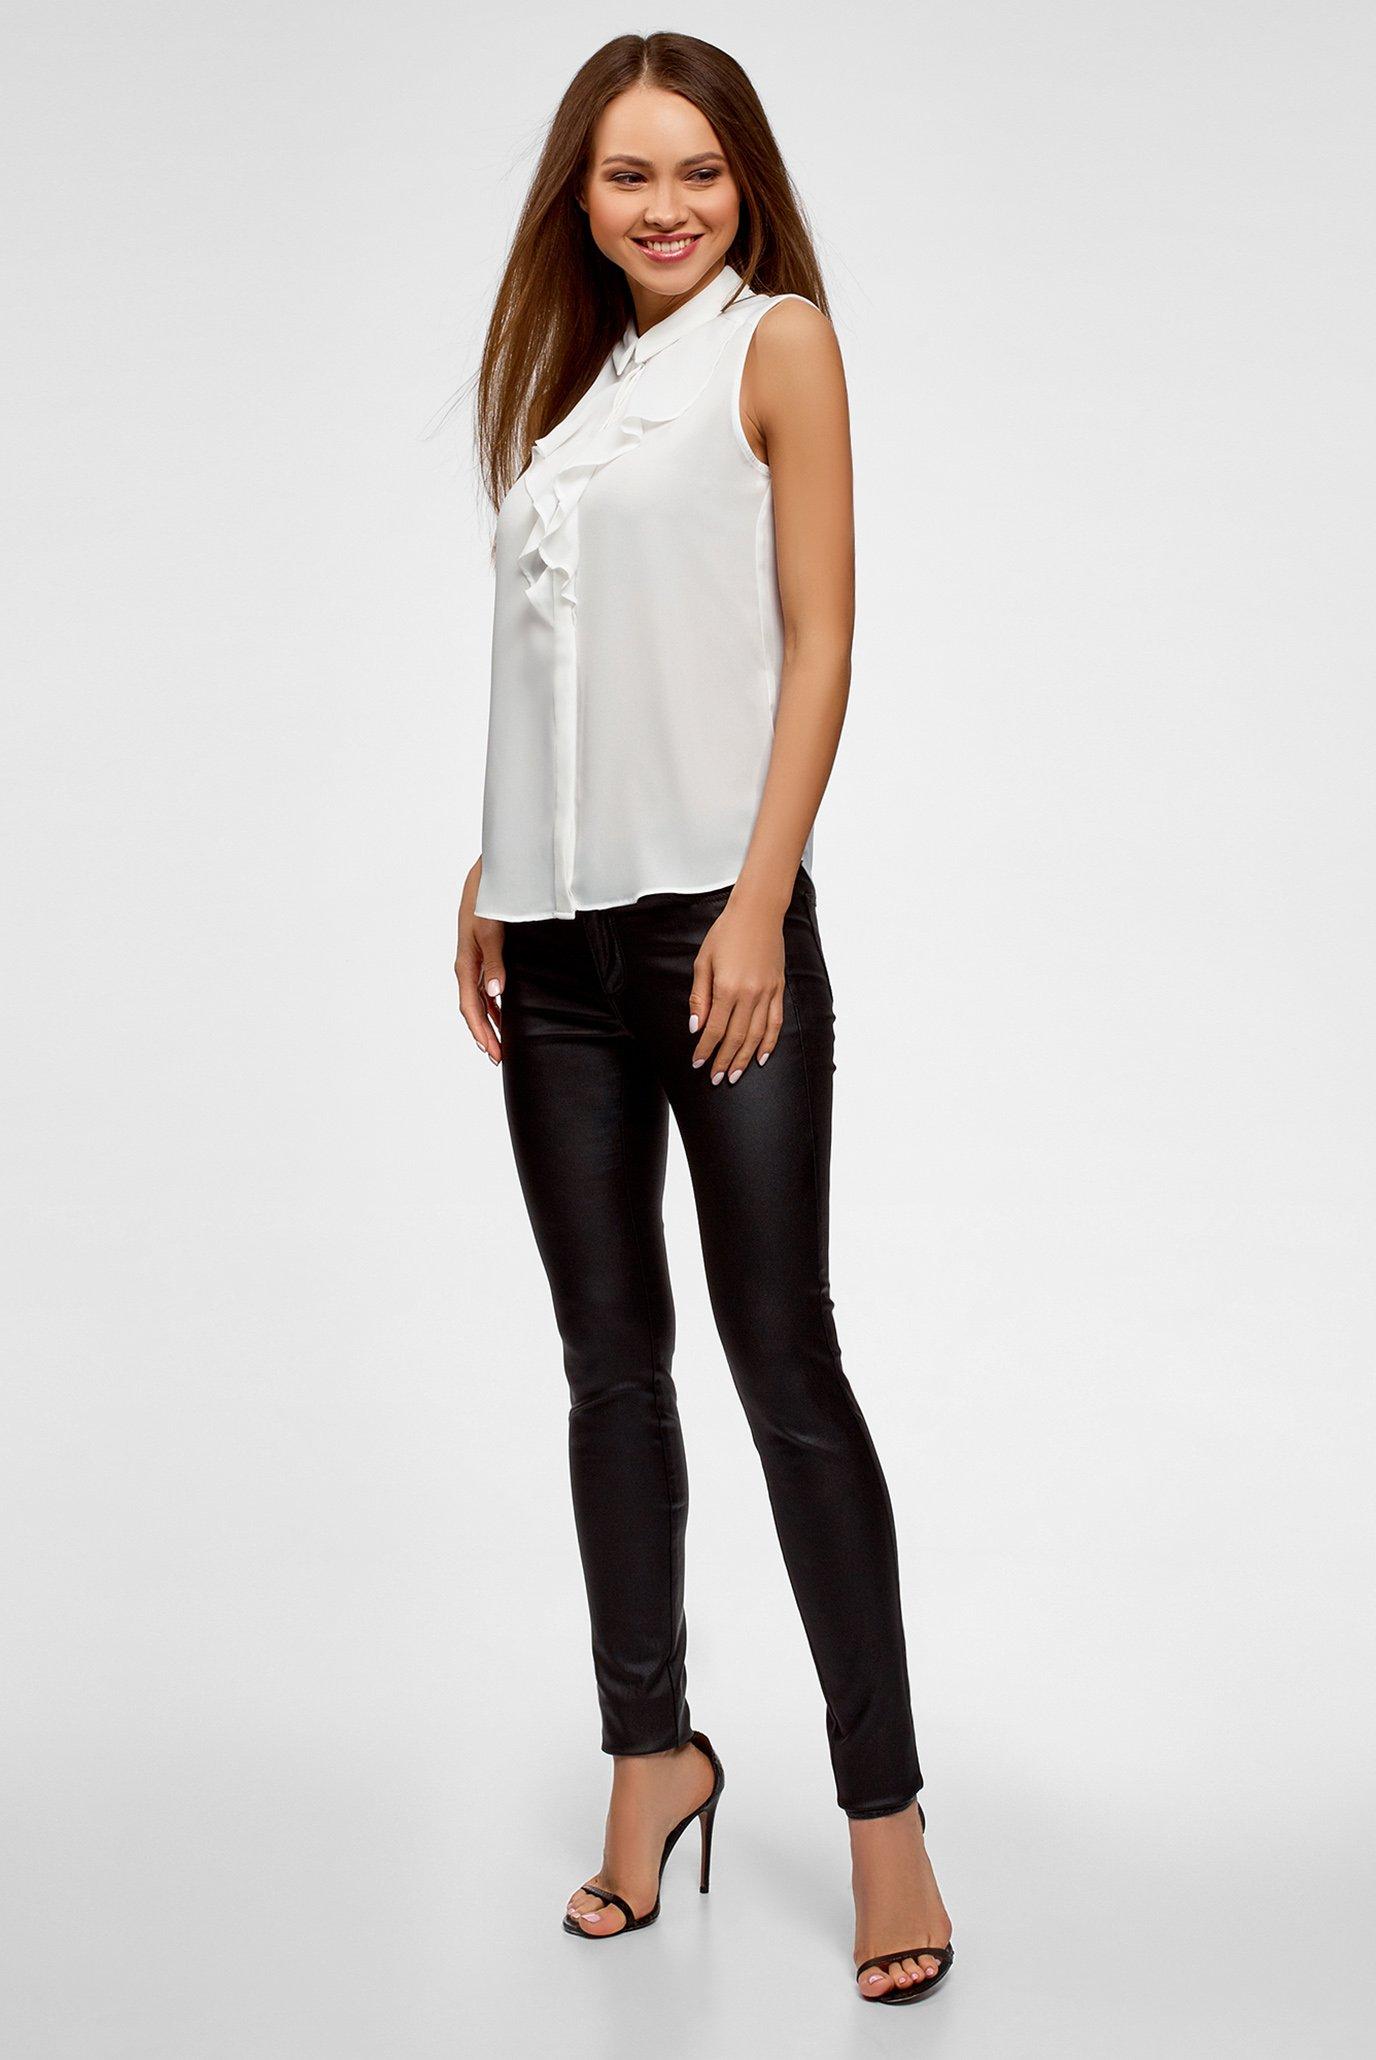 Купить Женская белая блуза Oodji Oodji 24911001B/36215/1200N – Киев, Украина. Цены в интернет магазине MD Fashion